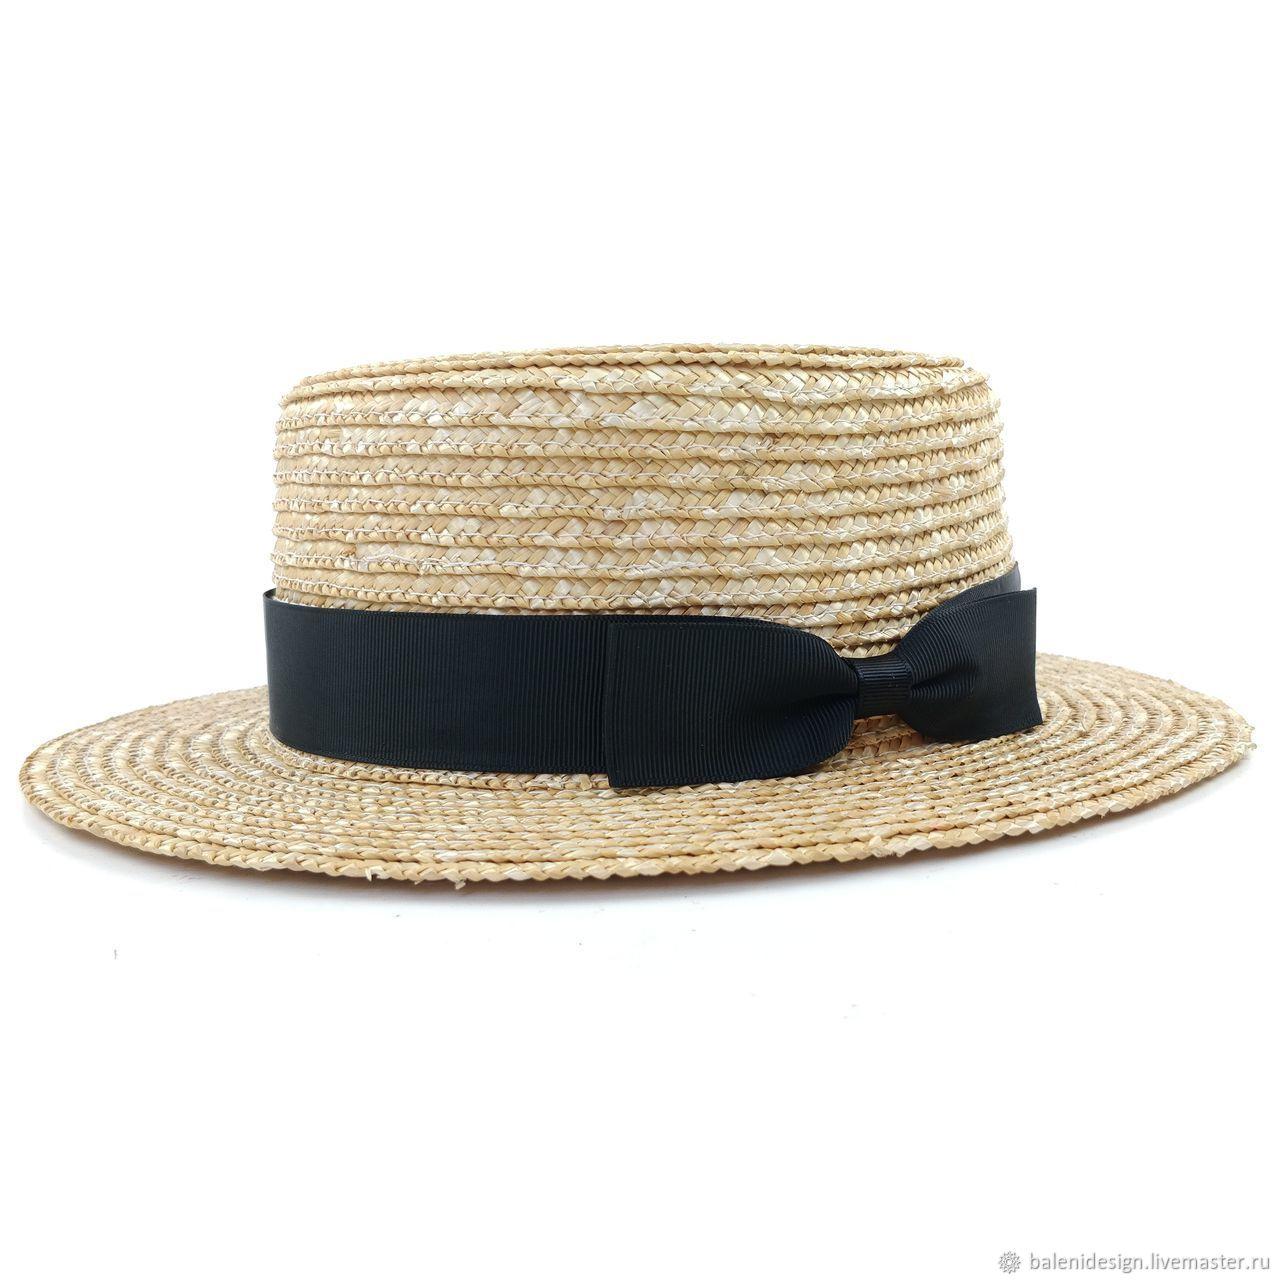 Шляпы ручной работы. Ярмарка Мастеров - ручная работа. Купить Соломенная Шляпа канотье. Handmade. Шляпы, соломенные шляпы